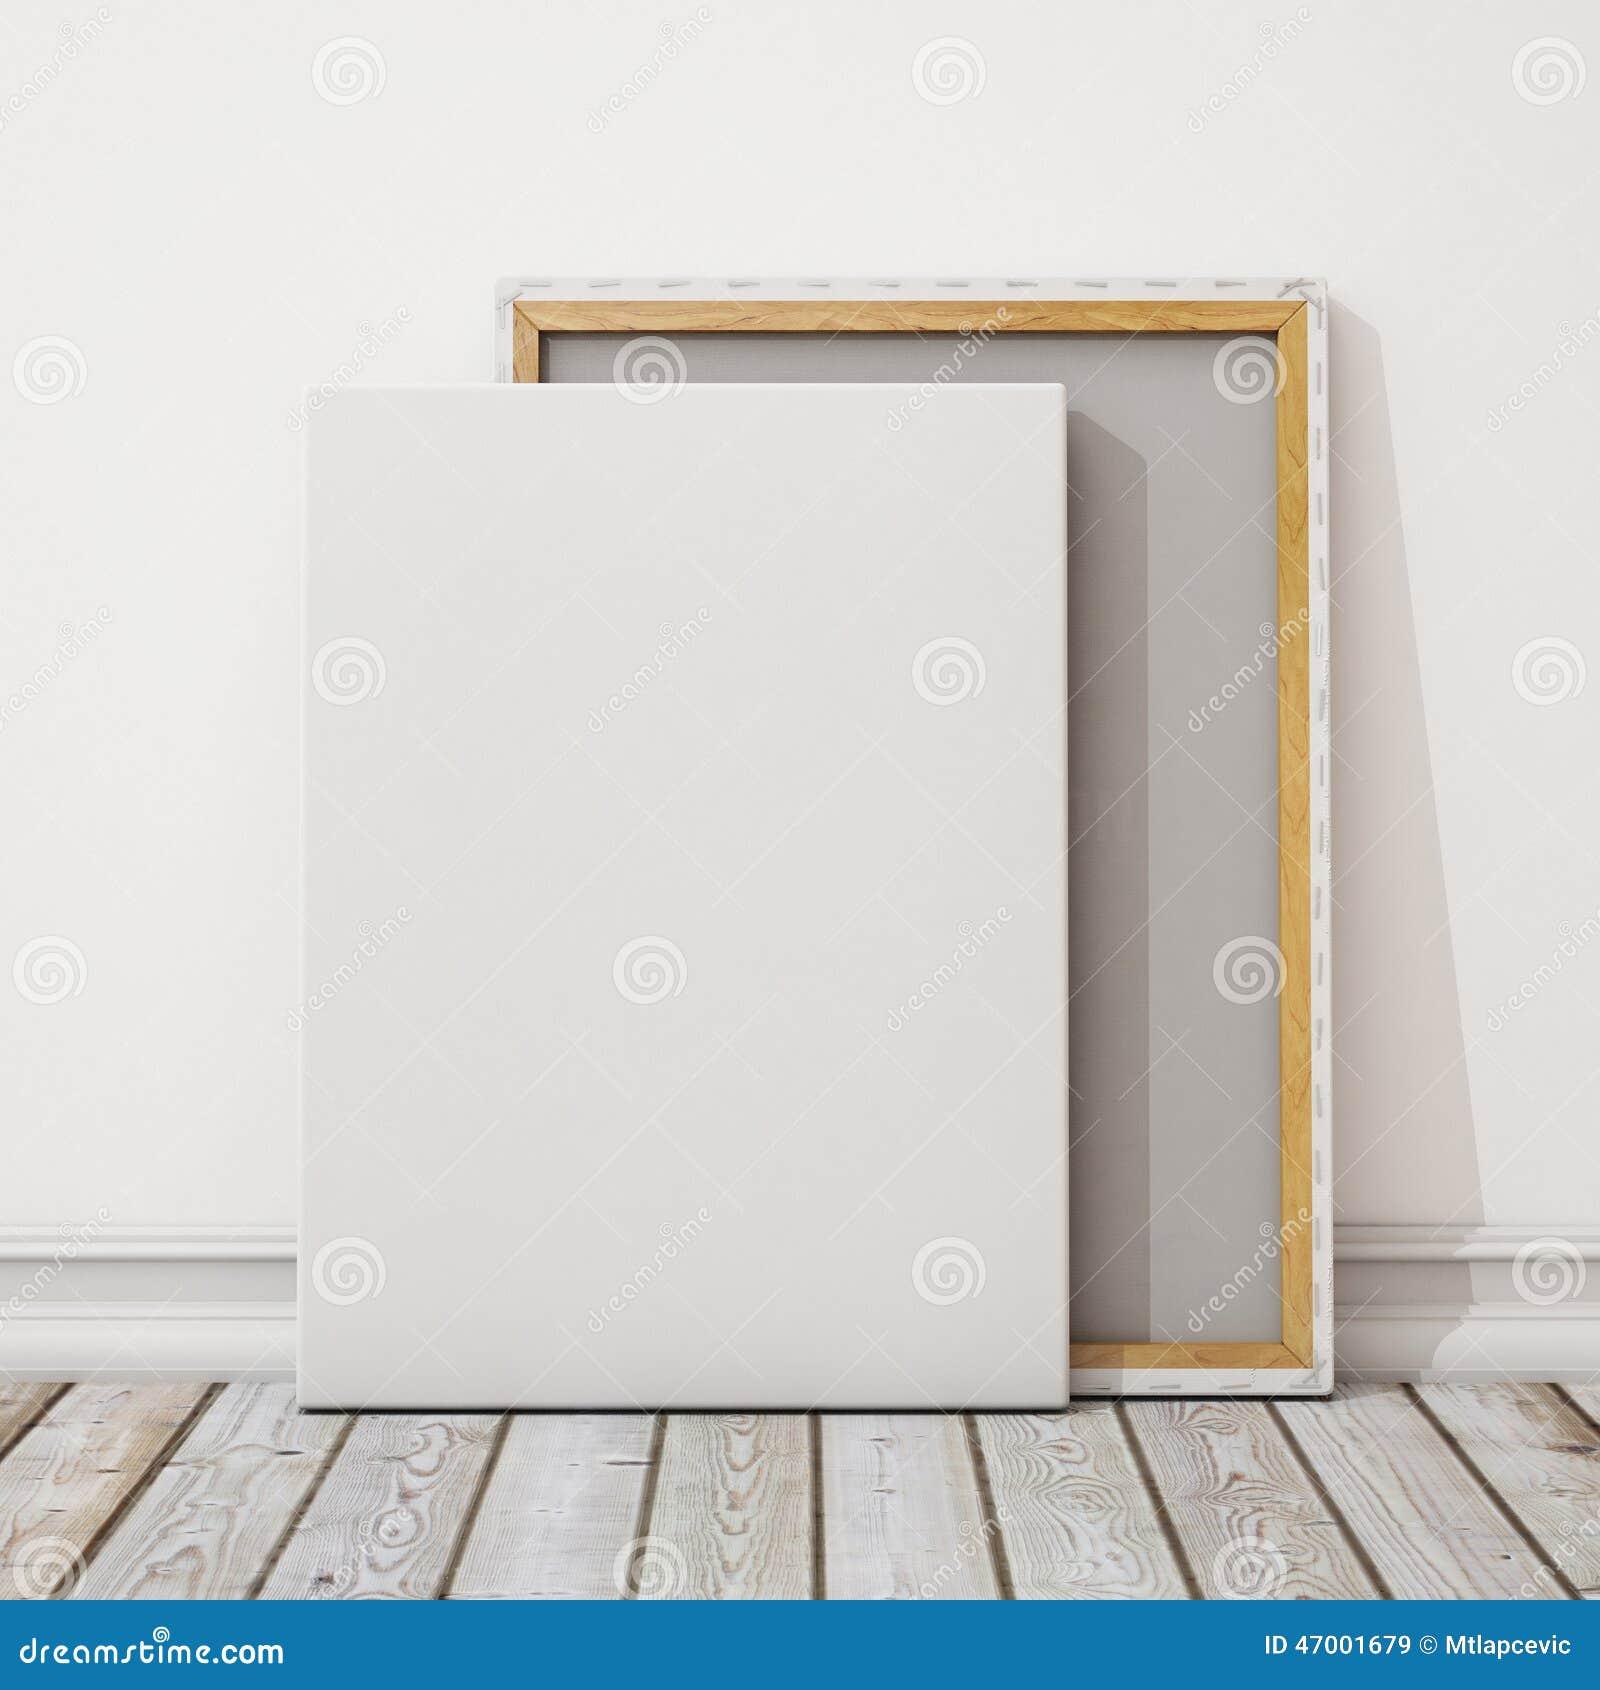 Verspotten Sie herauf leeres Segeltuch oder Plakat mit Stapel des Segeltuches auf Boden und Wand, Hintergrund